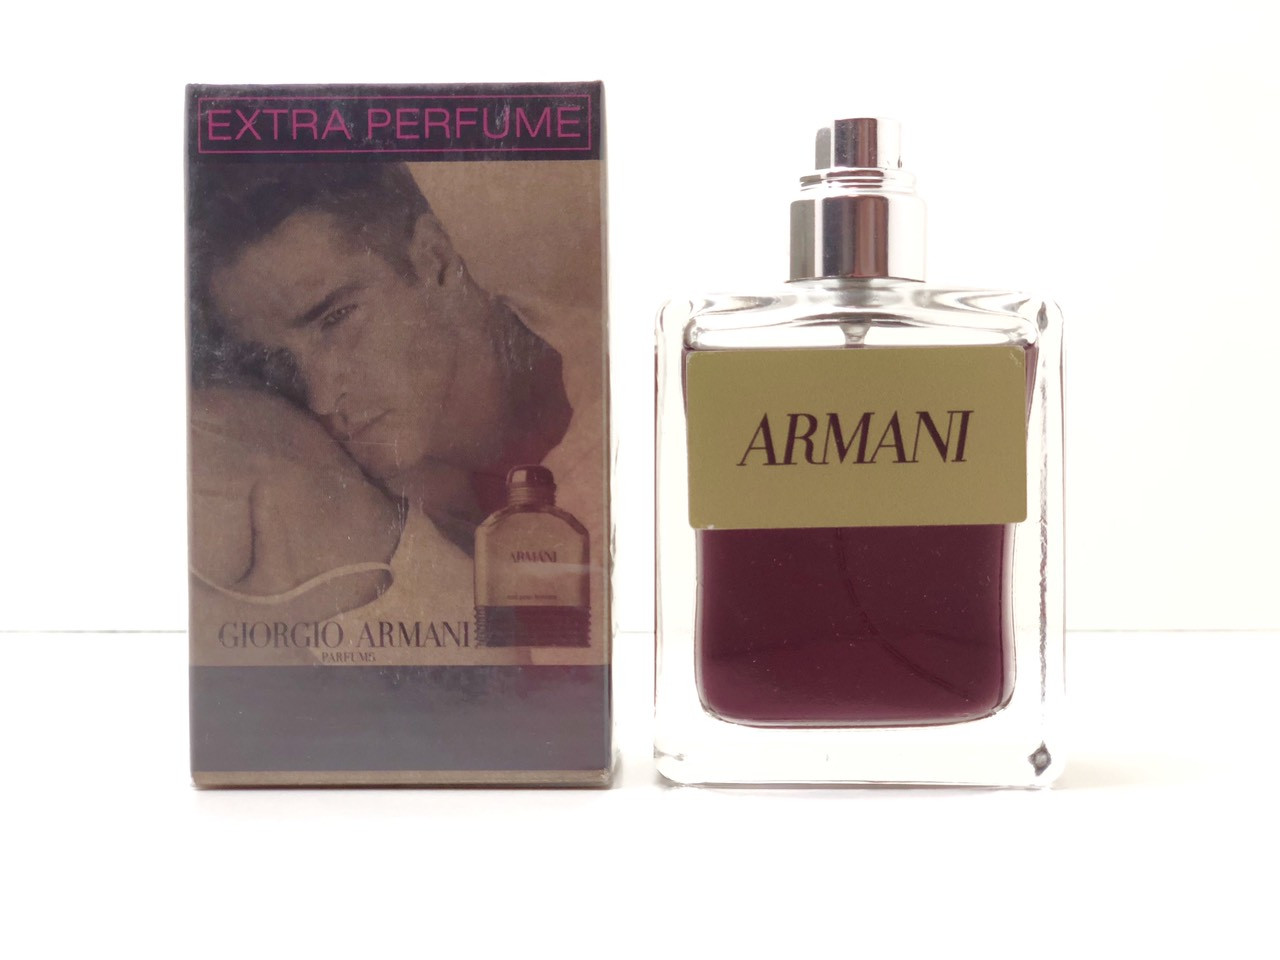 Парфюмированная вода мужская Extra perfume Giorgio Armani (Джорджио Армани) 50 мл